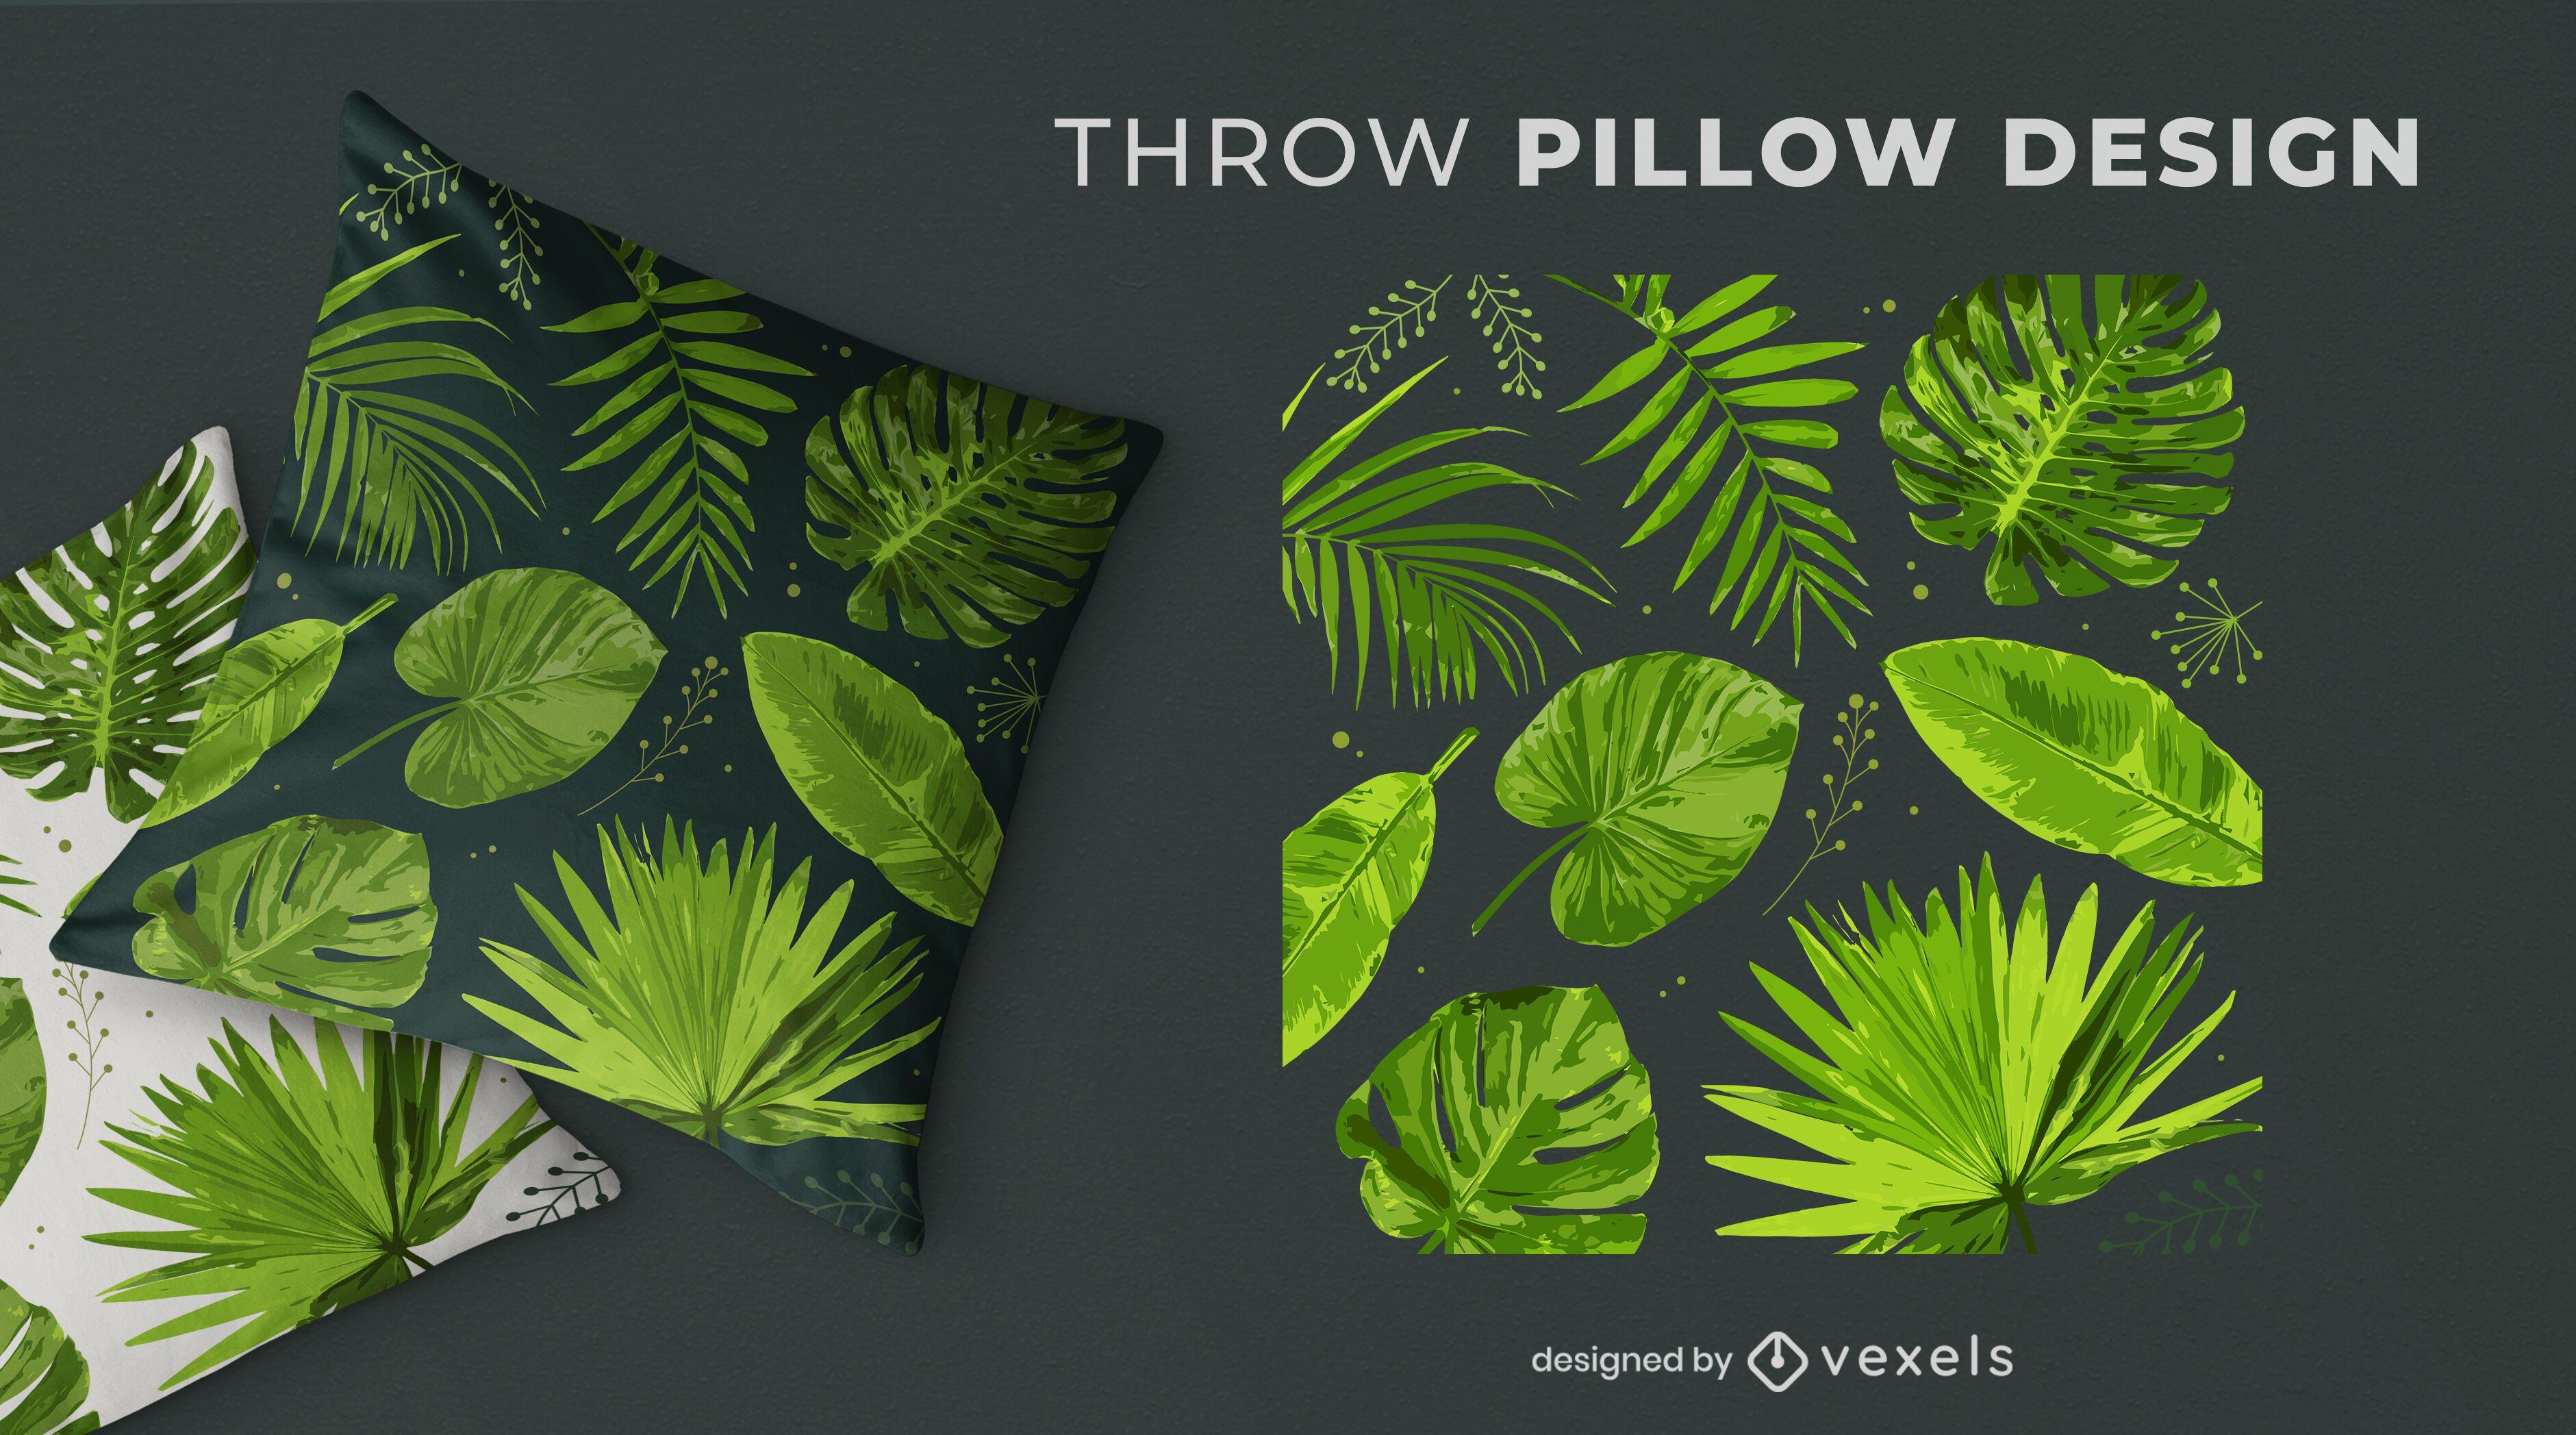 Diseño de almohada de tiro de naturaleza tropical